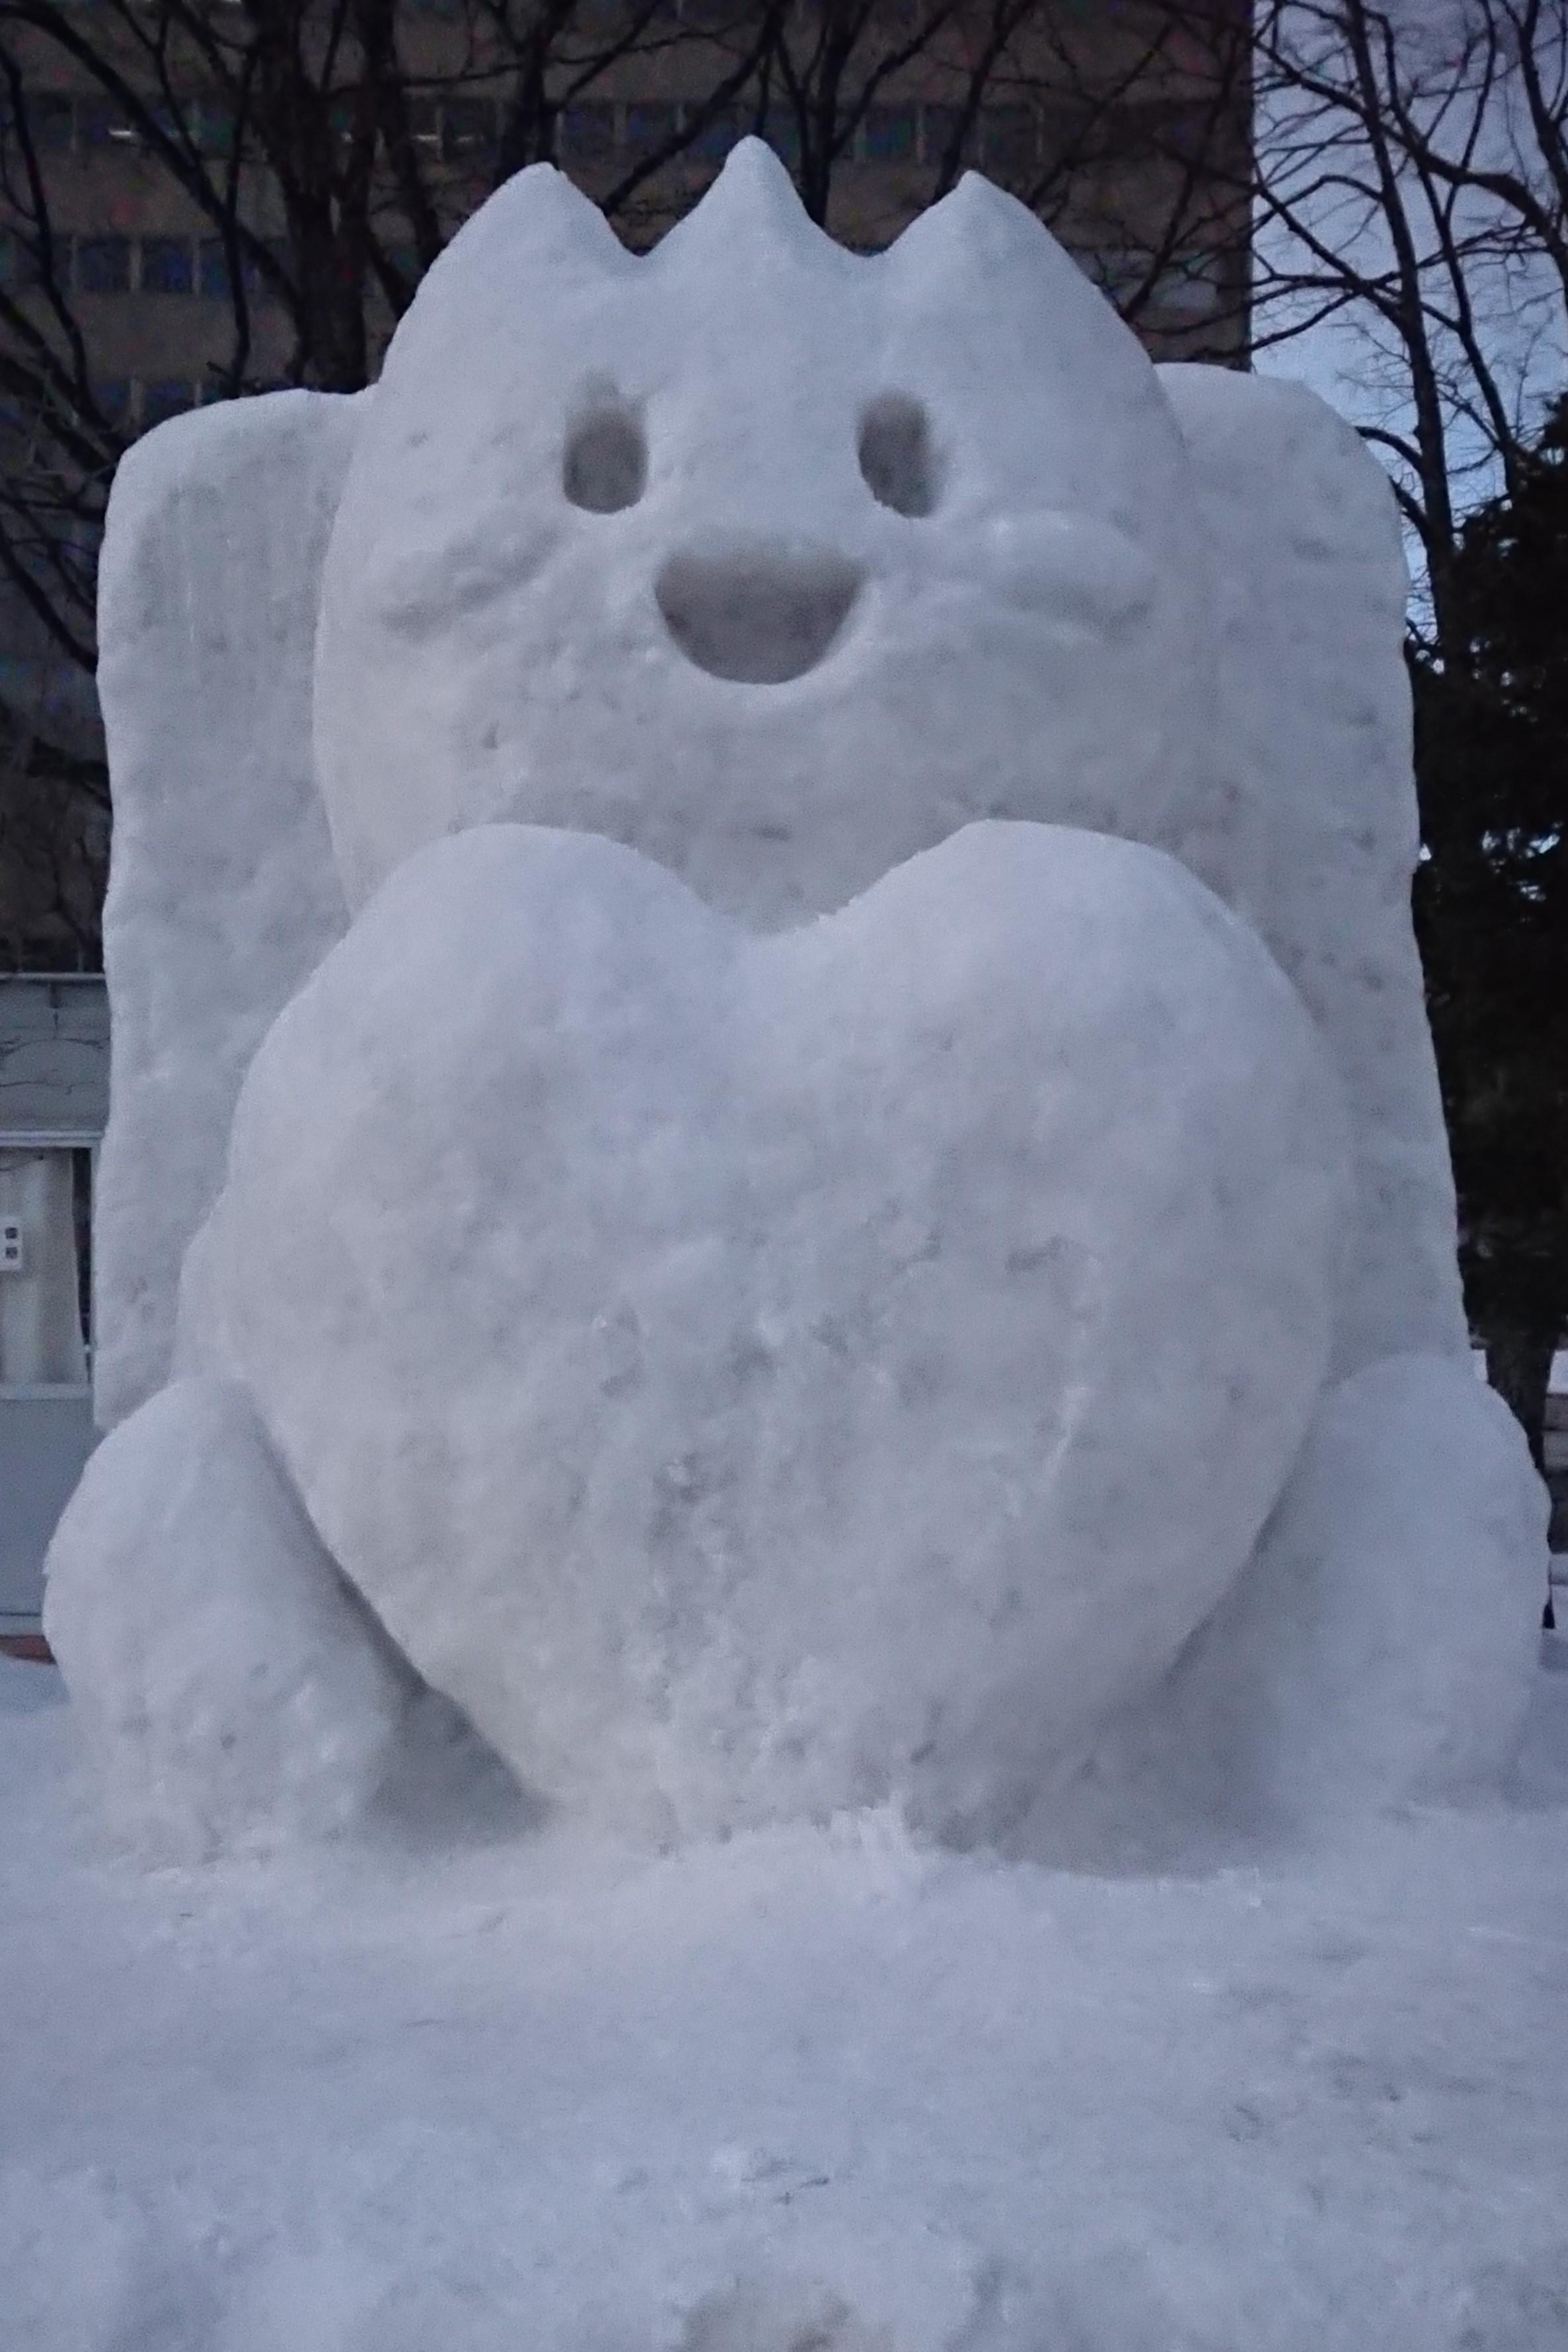 本学サークルなどがキャラクターの雪像を制作 ―第71回さっぽろ雪まつり